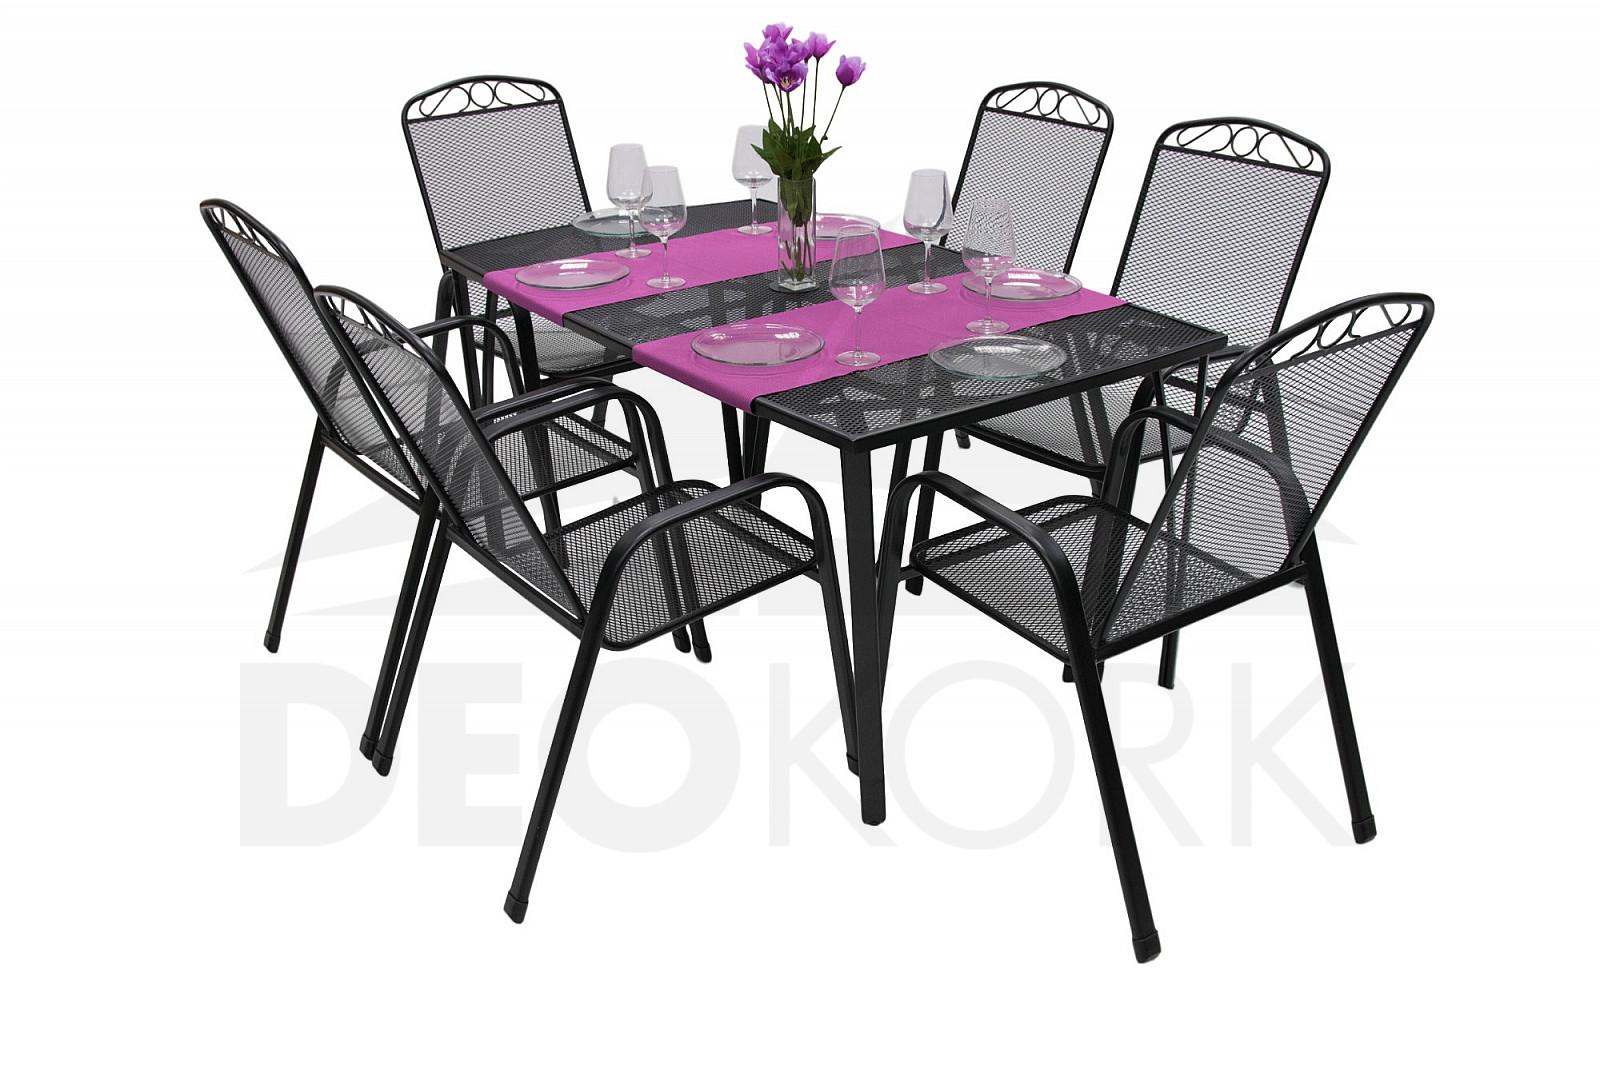 gartenm bel set aus metall river 1 6 i. Black Bedroom Furniture Sets. Home Design Ideas